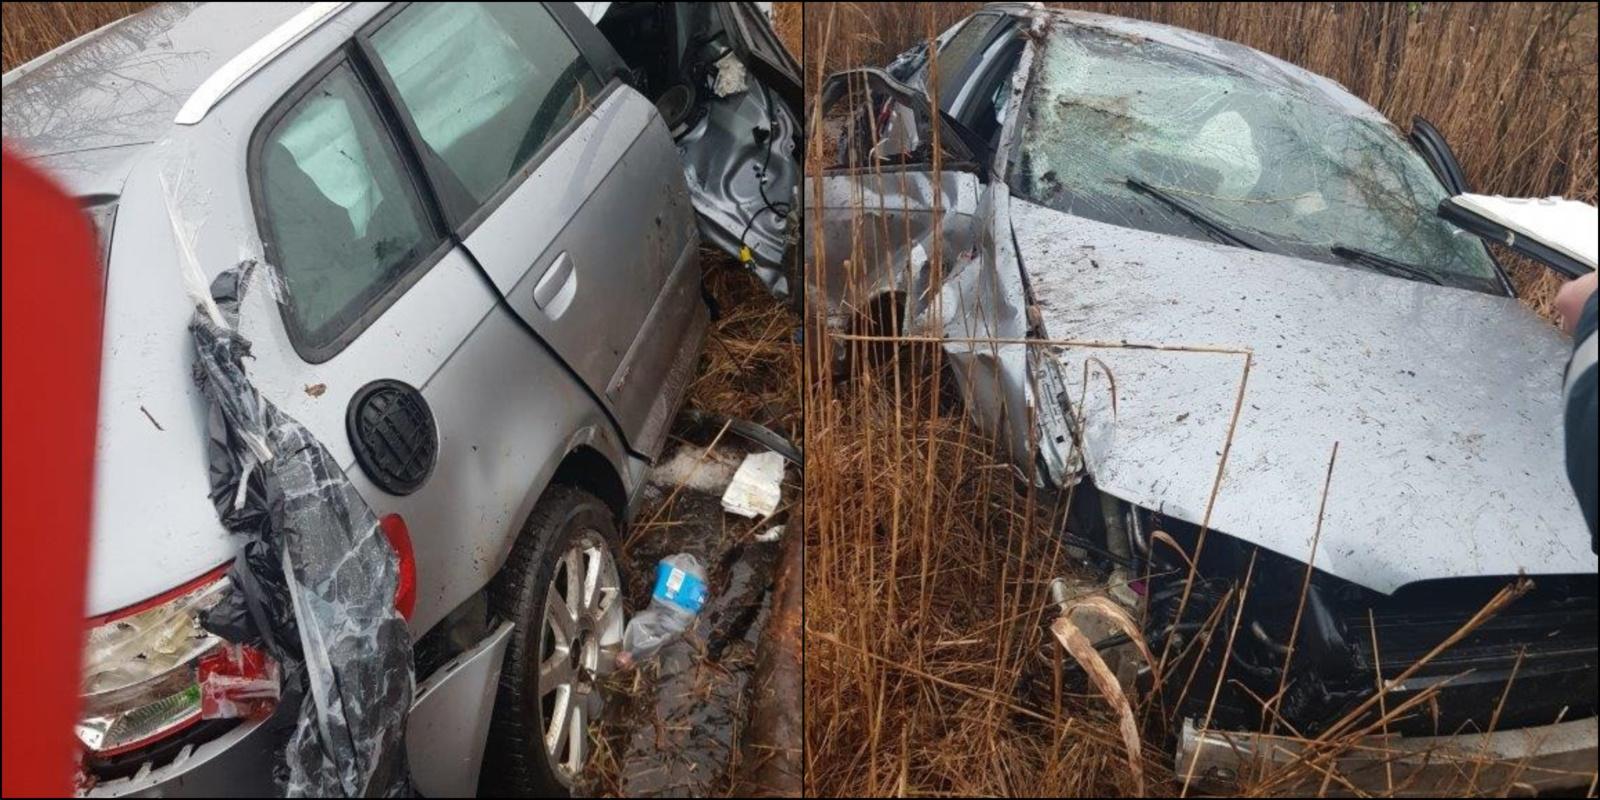 Širvintų rajone per automobilio avariją nukentėjo penki žmonės (papildyta)